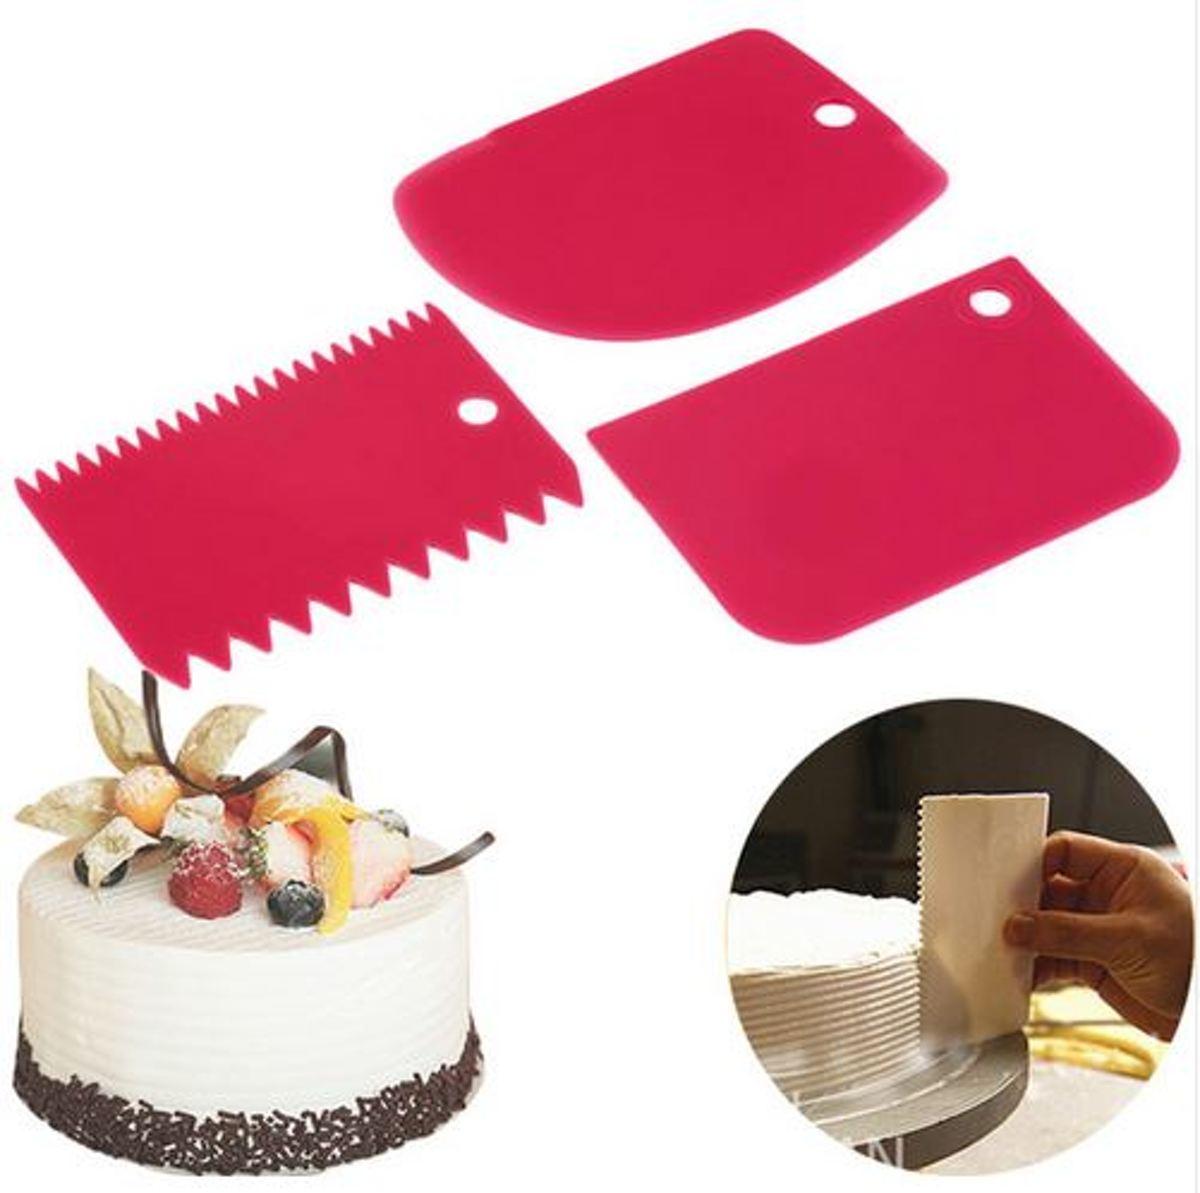 Fondant schraper - Kunststof Schraper voor taart / icing / cake / cupcake decoratie - Spatel - Fondant Snijder - Icing cutter scraper Keuken tool voor Marsepein en Fondant - Set van 3 stuks kopen